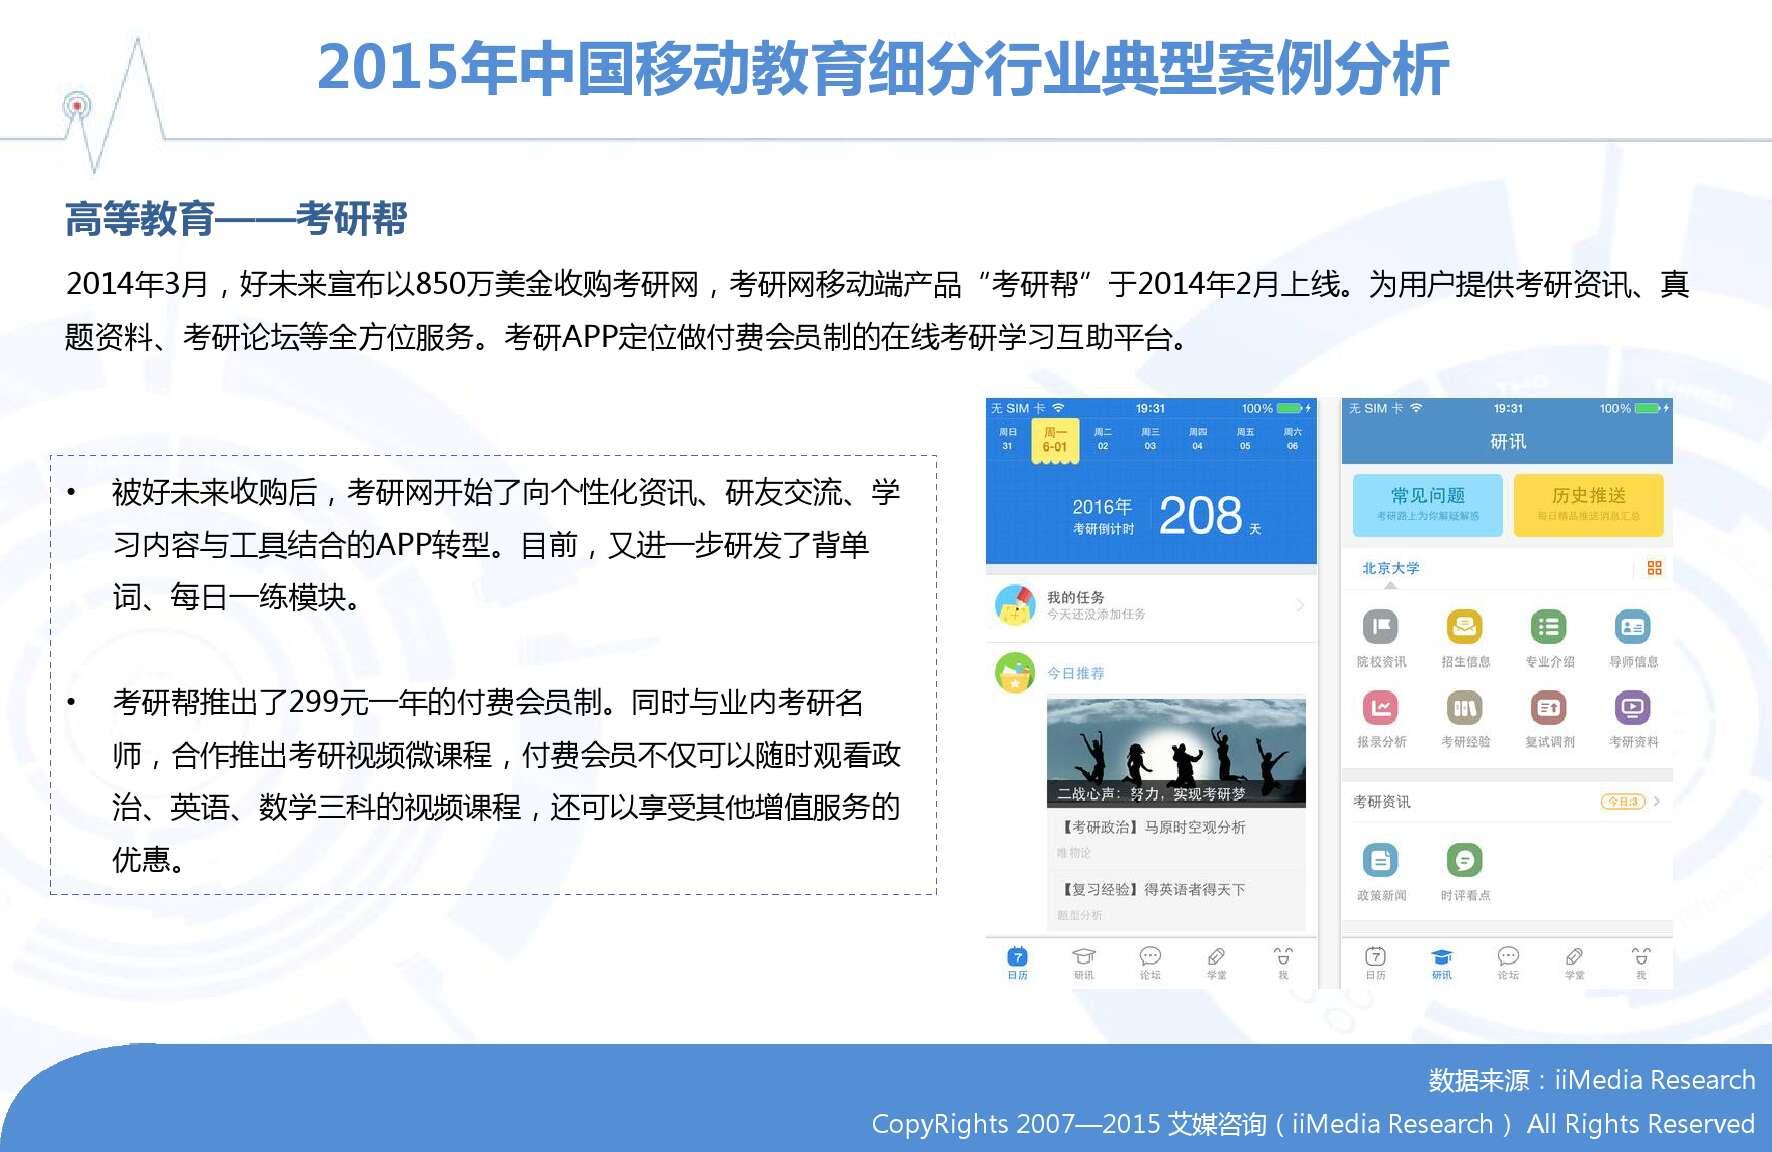 2015-2016年中国移动教育市场研究报告_000030